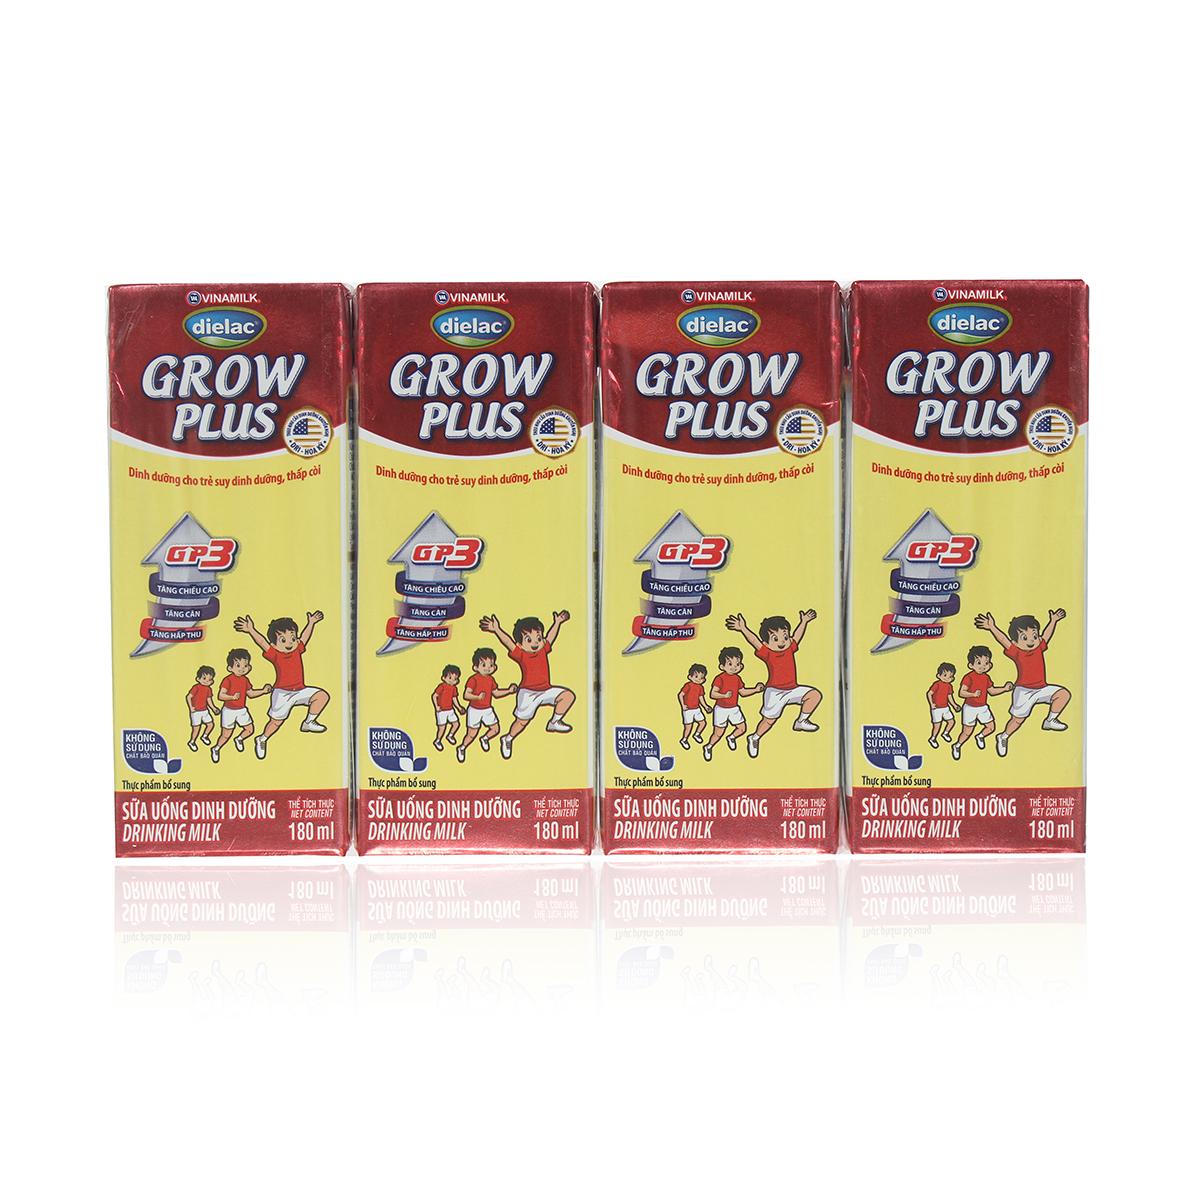 Sữa uống dinh dưỡng Dielac Grow Plus (4*180ml) cho bé trên 1 tuổi